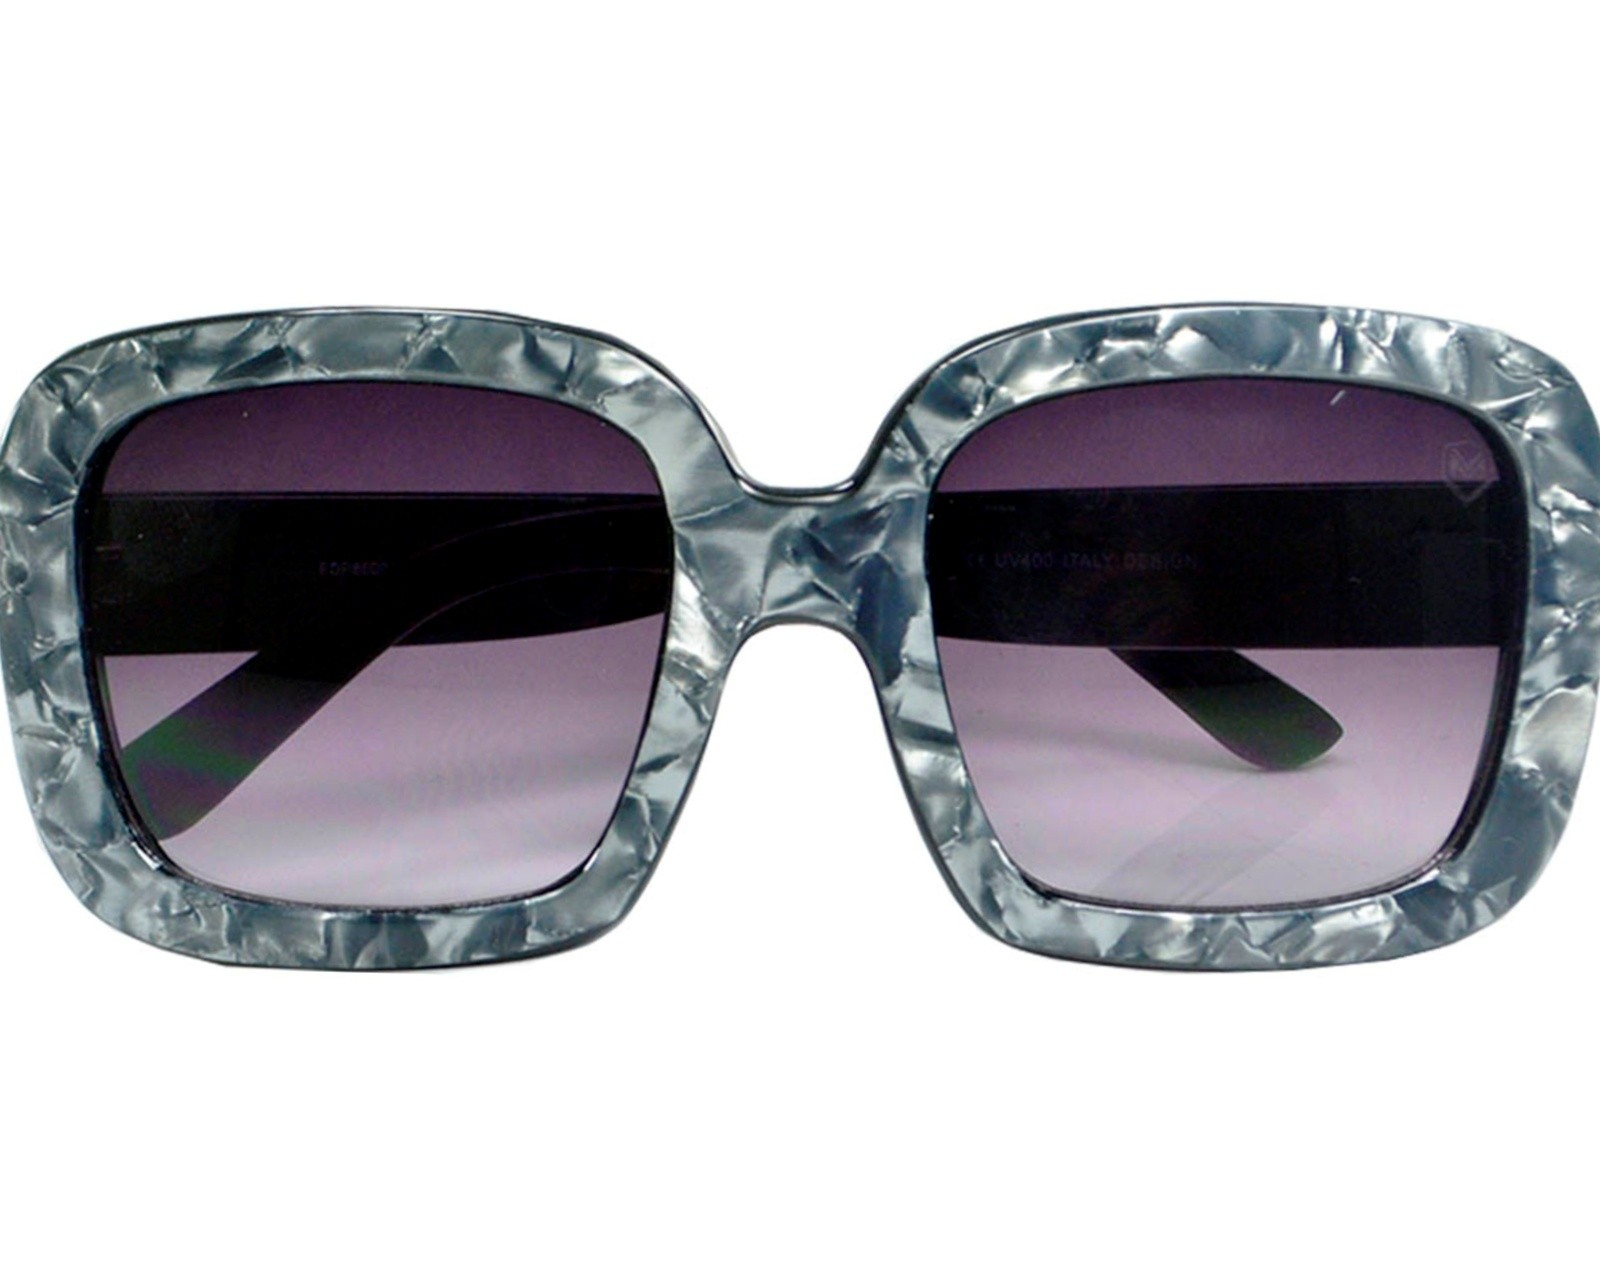 Óculos De Sol Mackage Feminino Acetato Oversize Quadrado Retrô - Cinza Marmorizado